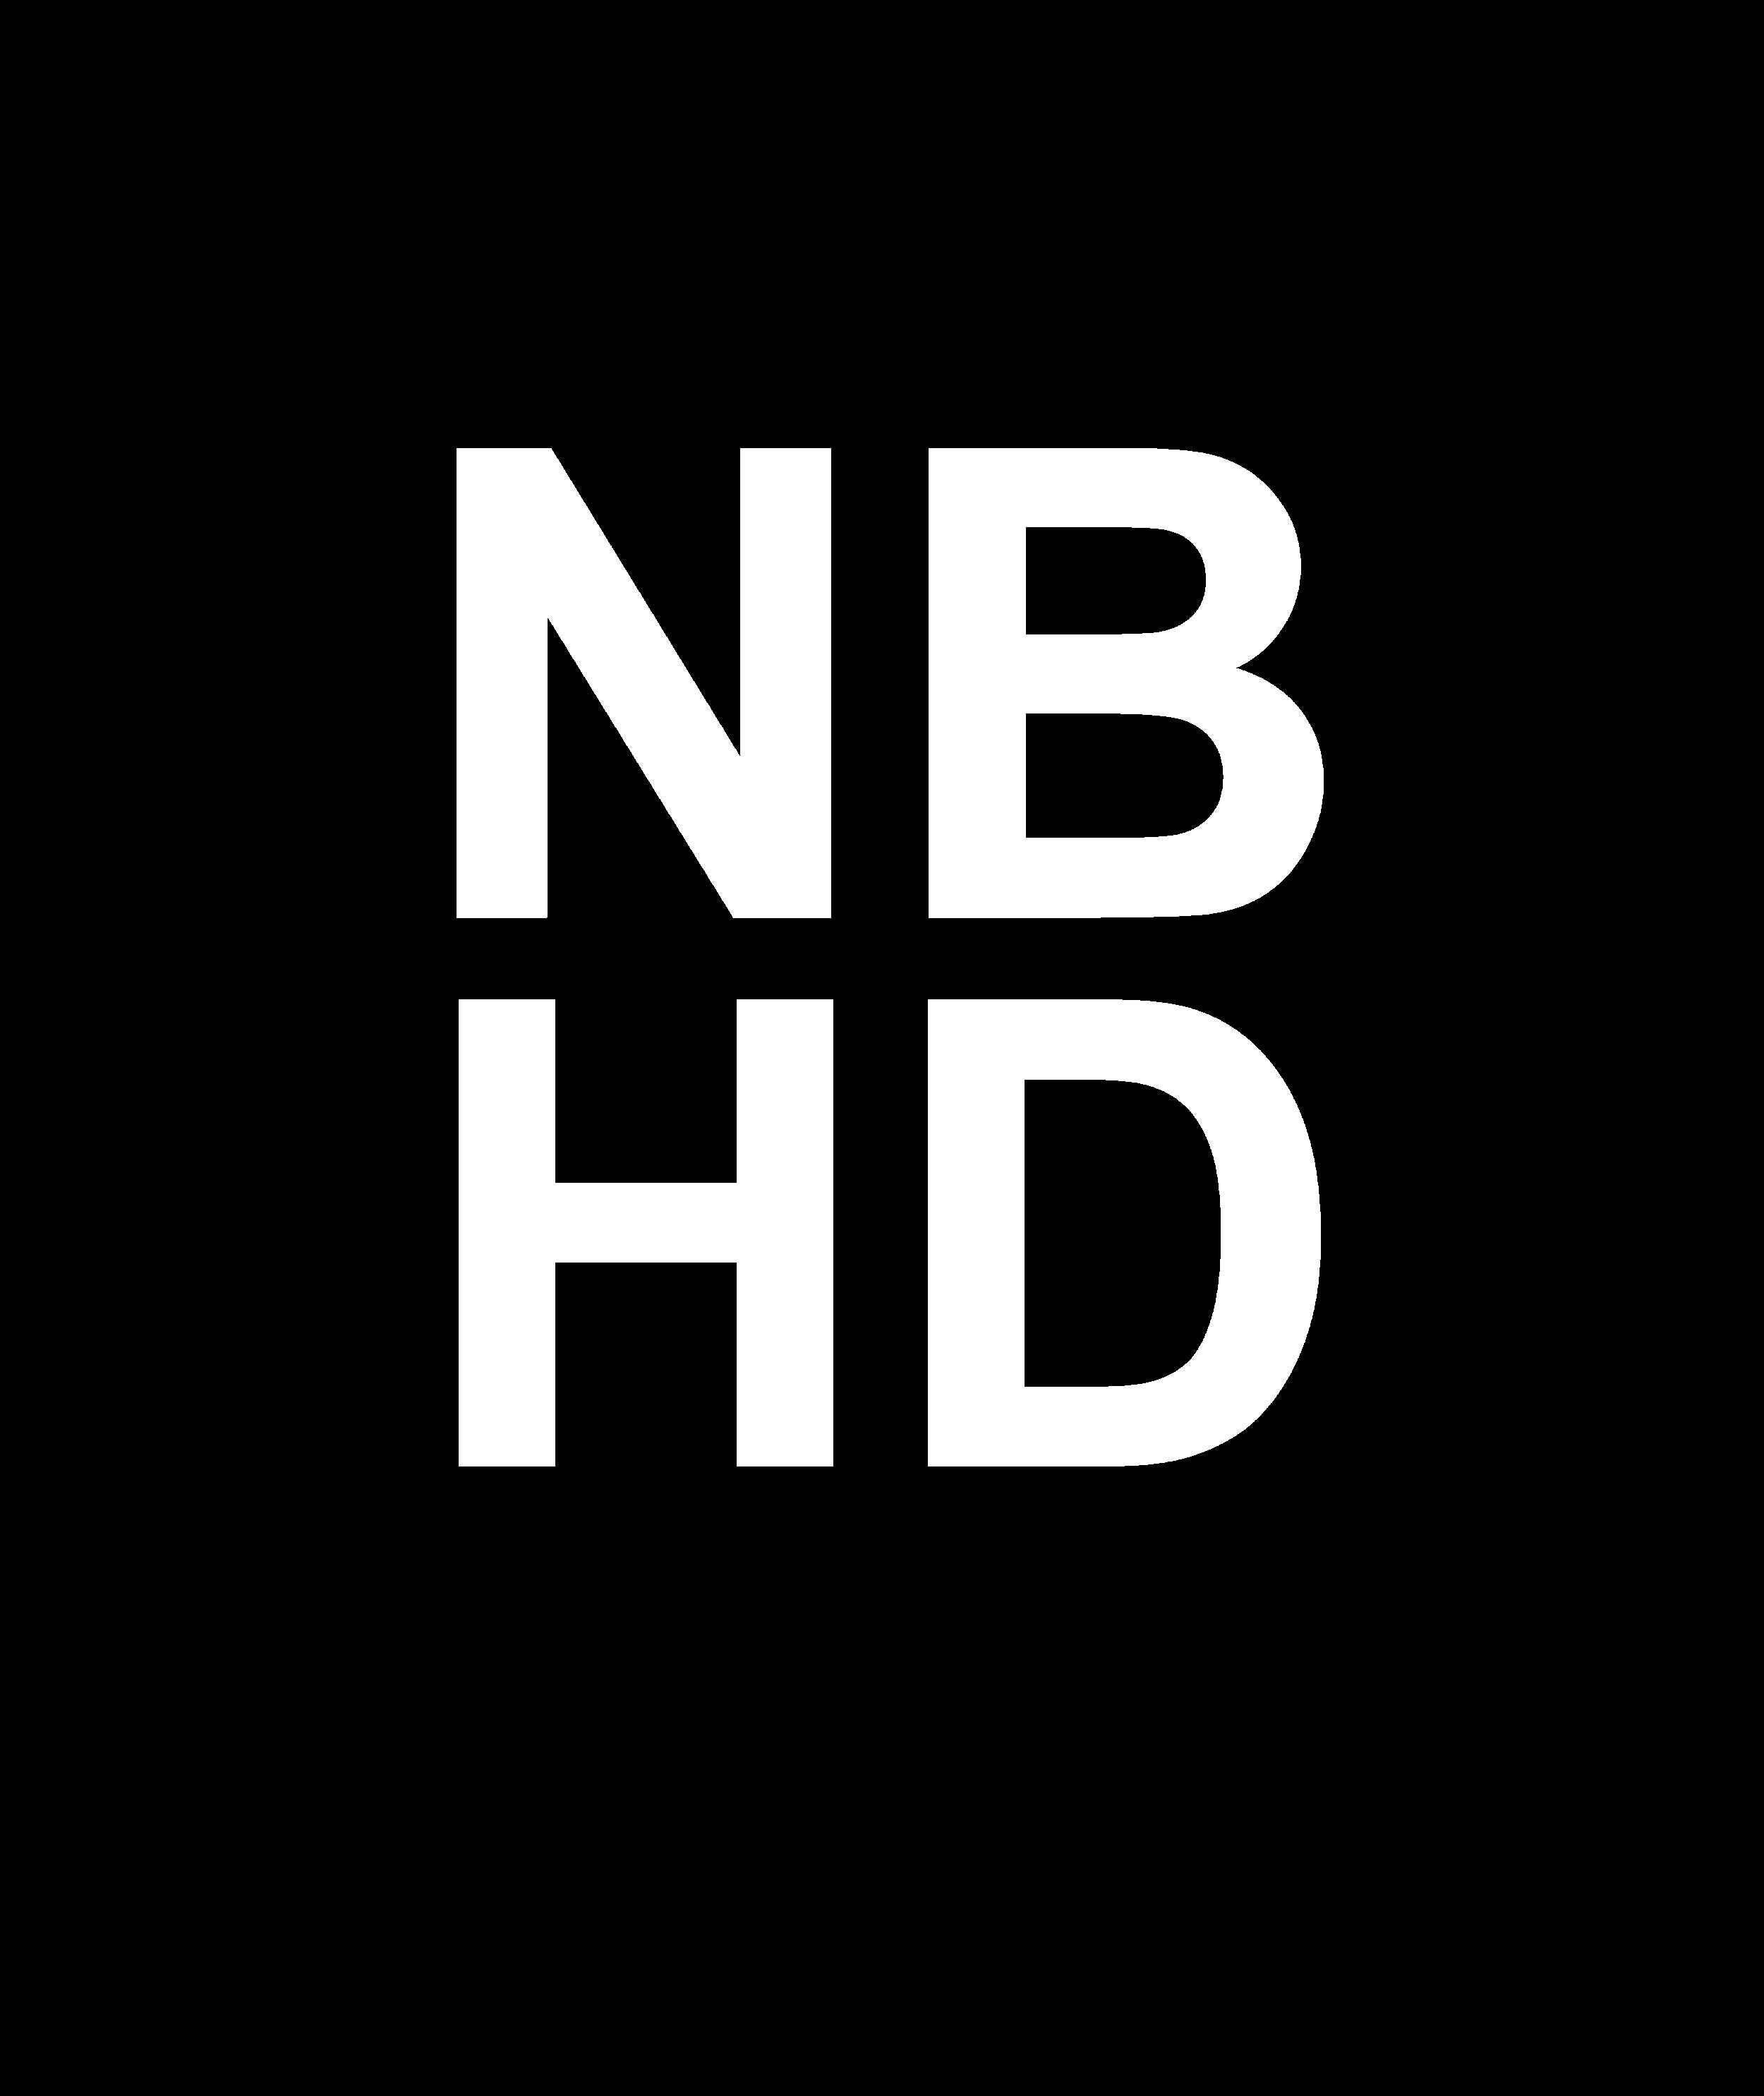 NB-logo-white.png